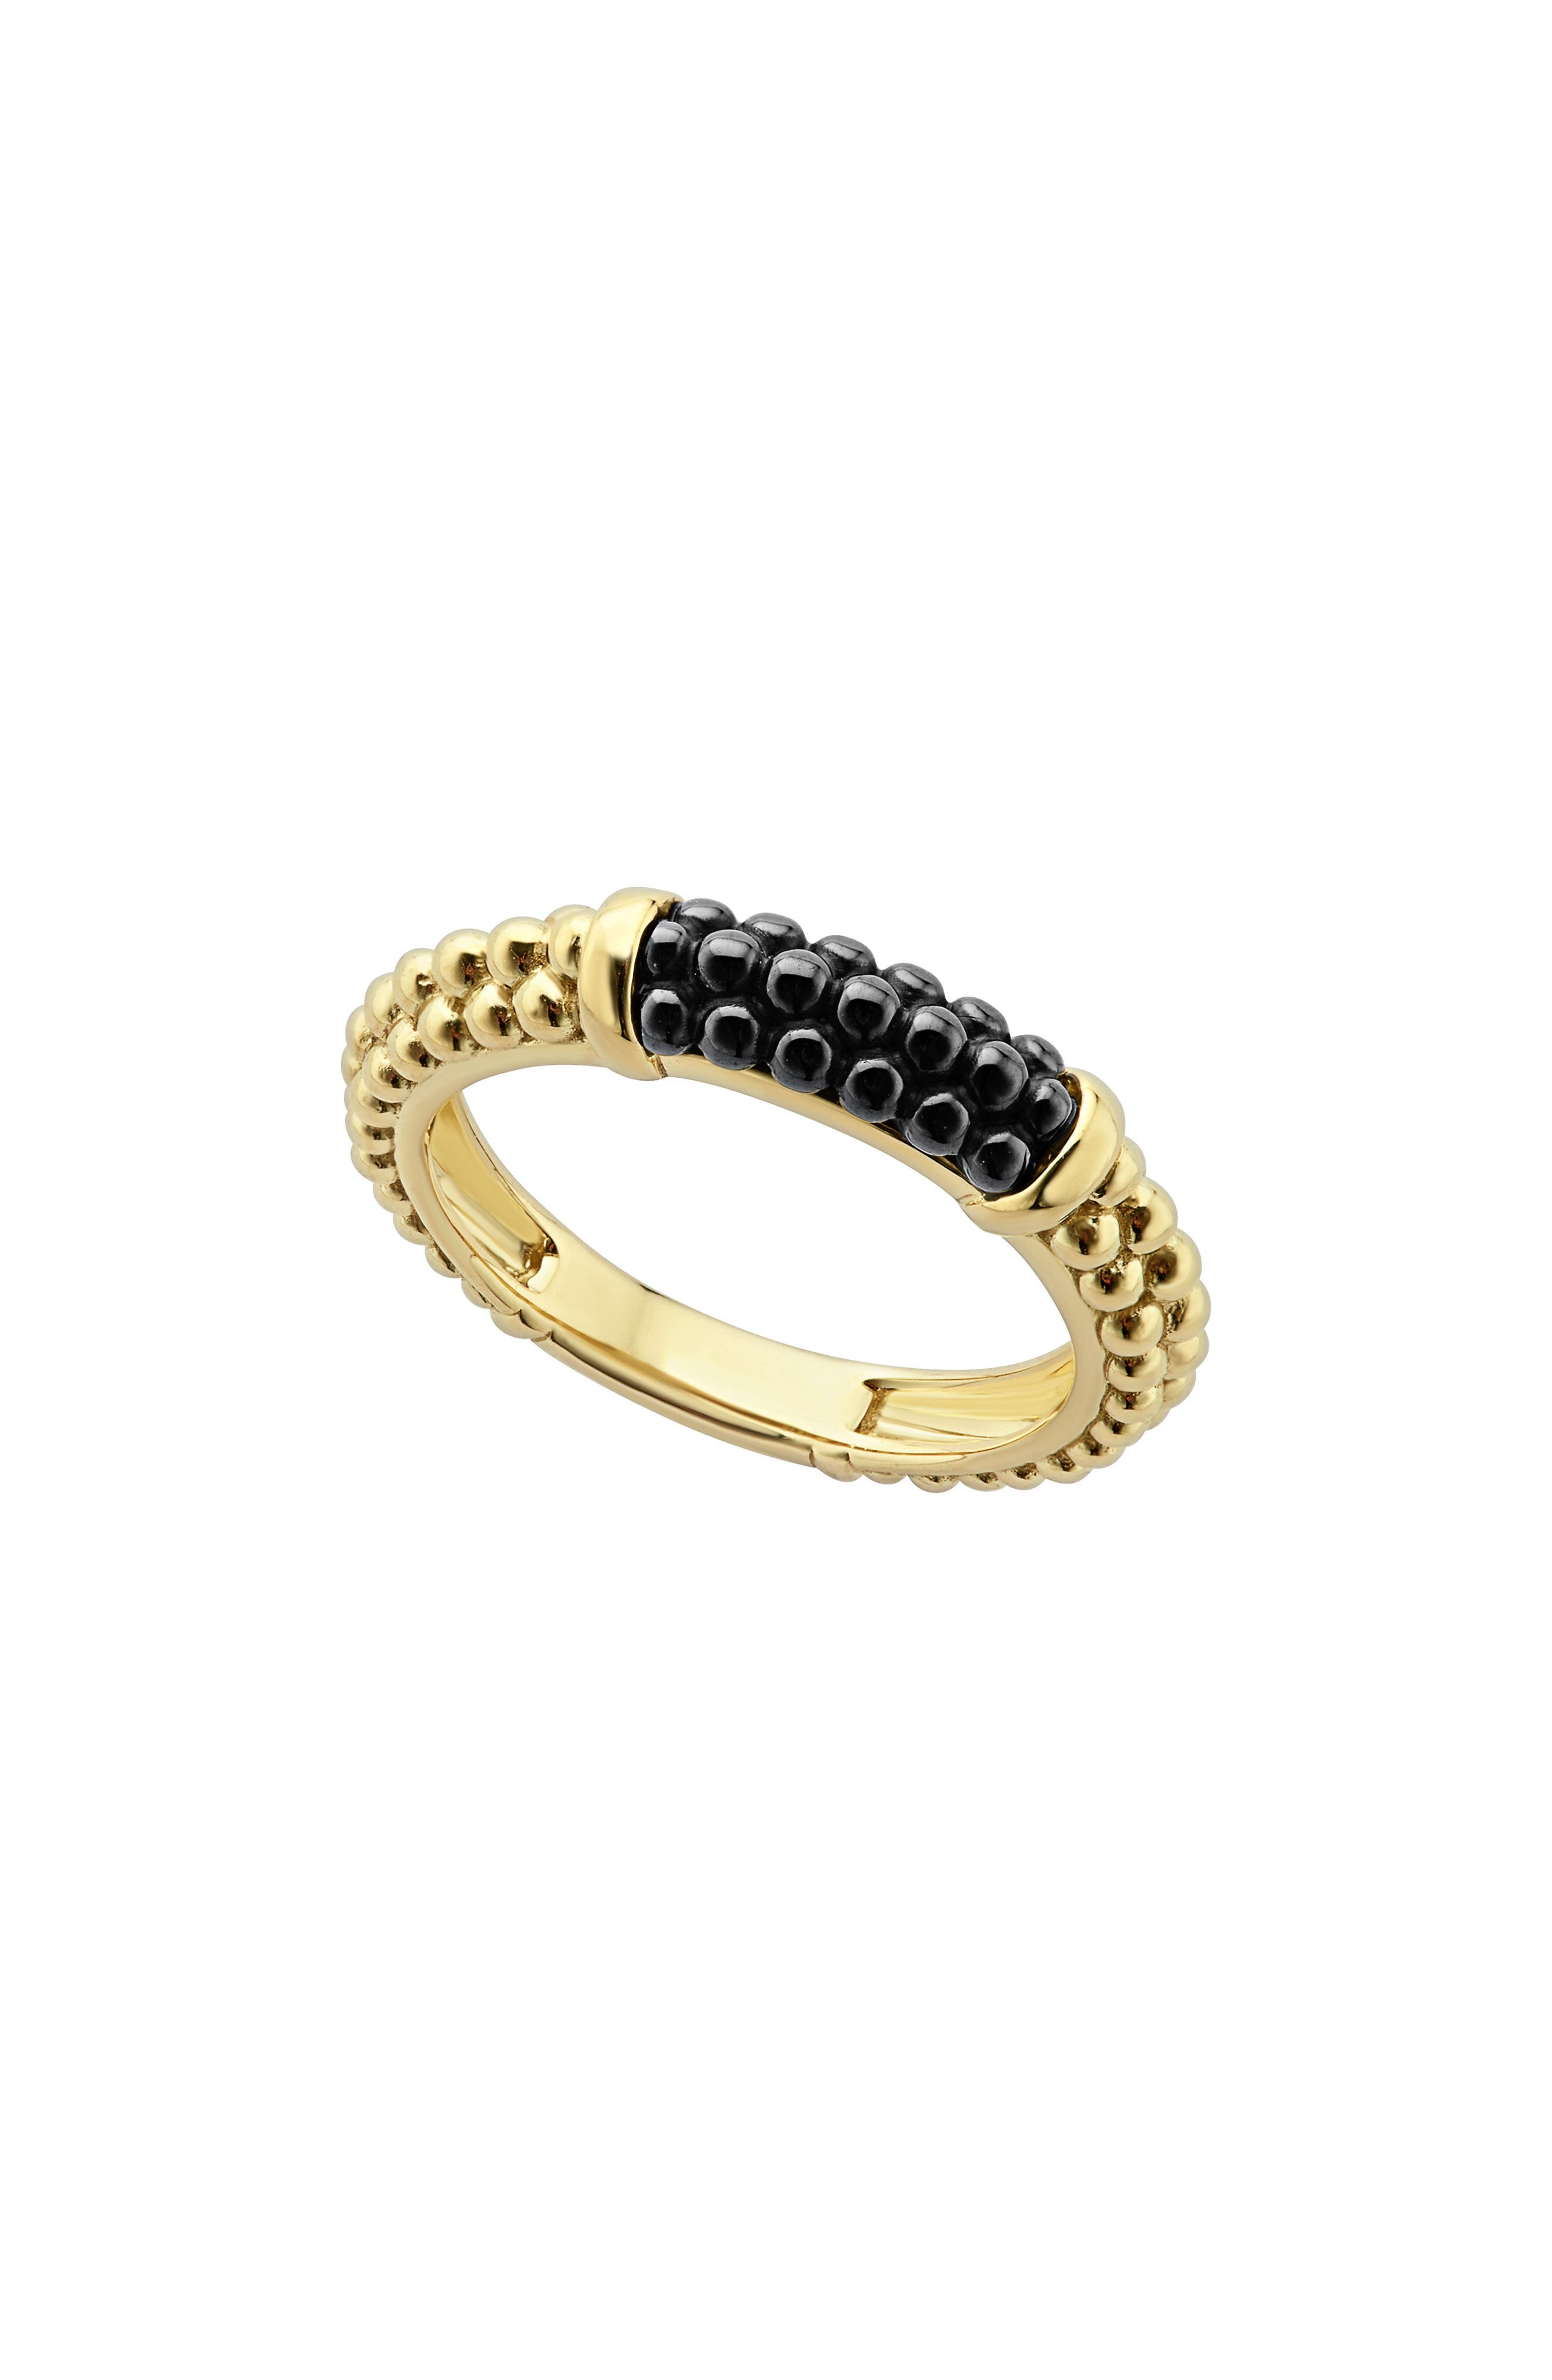 LAGOS Gold & Black Caviar Stacking Ring